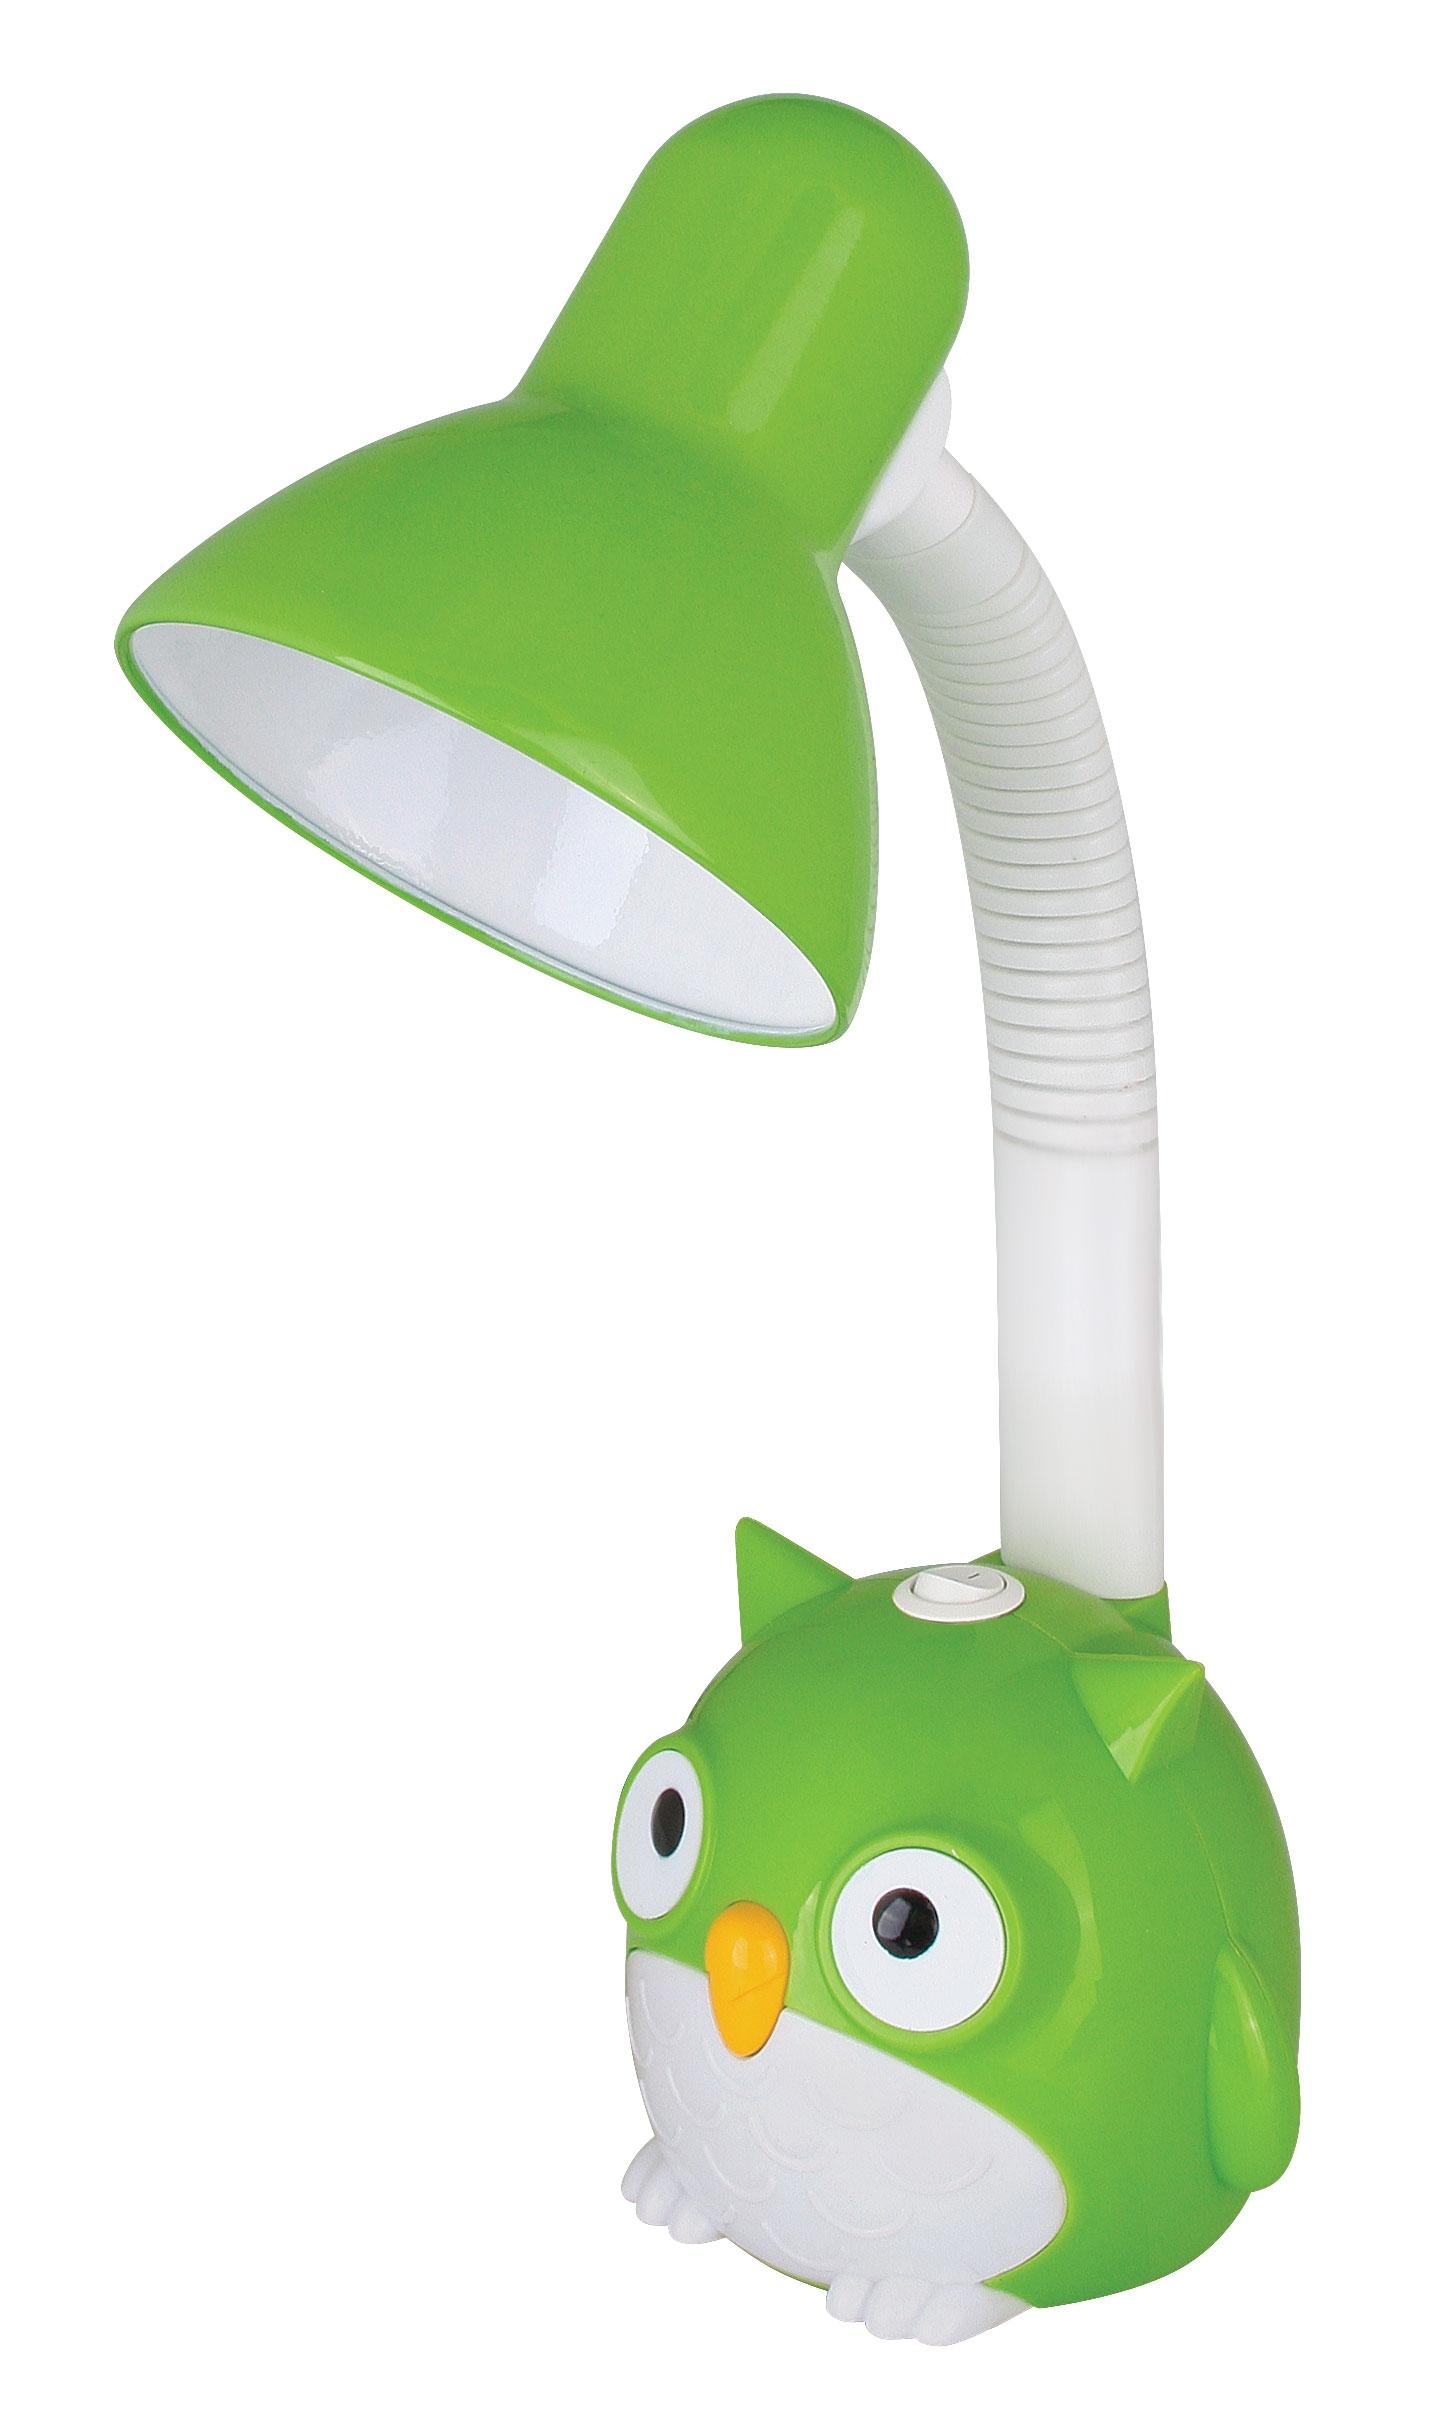 Лампа настольная Camelion Kd-380 c05 светильник настольный camelion kd 786 c05 зелёный led 5 вт 4000к